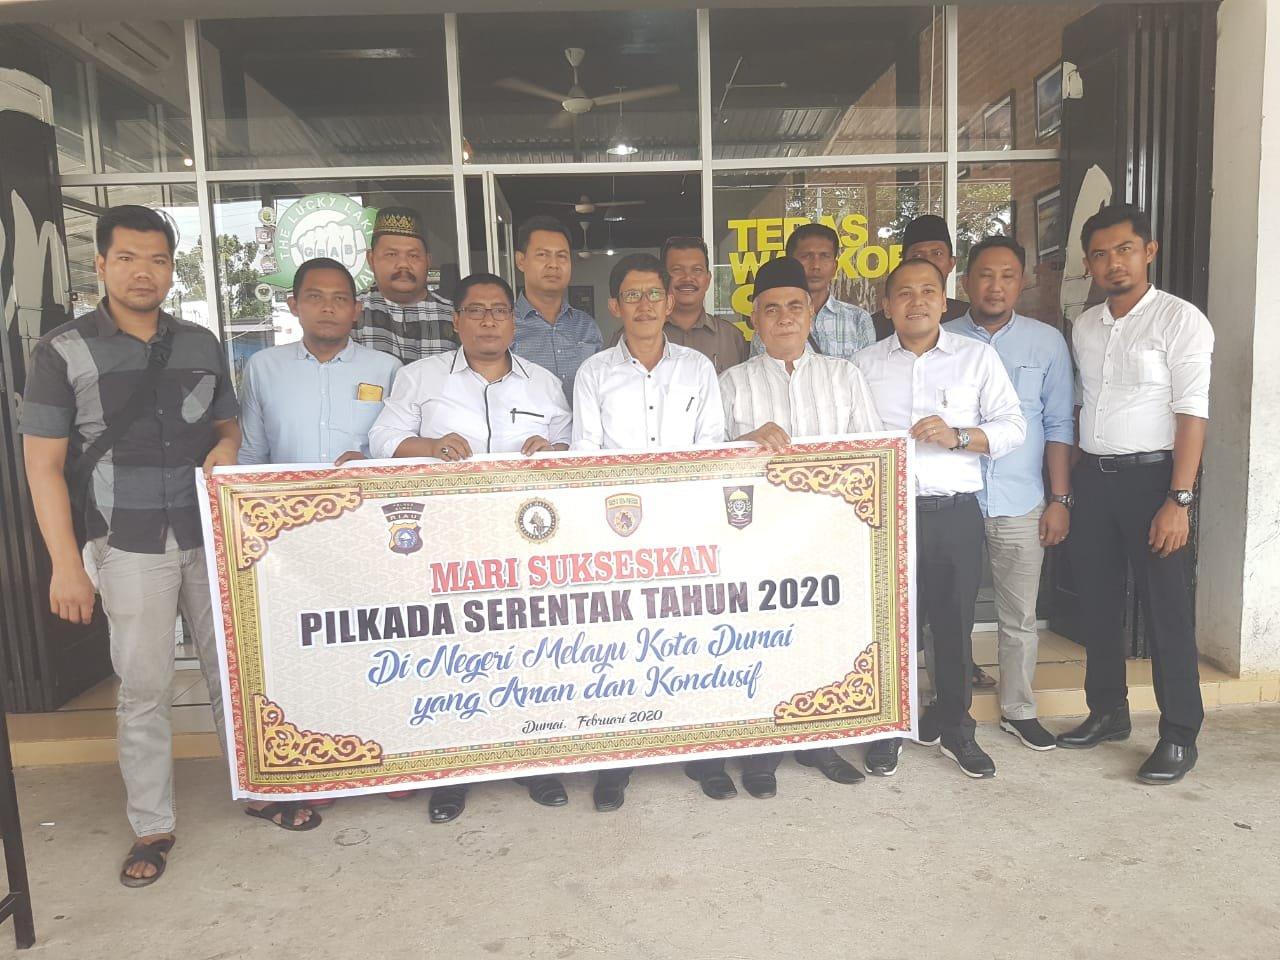 Soal Pilkada Dumai, LAMR: Kita Tetap Mengedepankan Orang Melayu